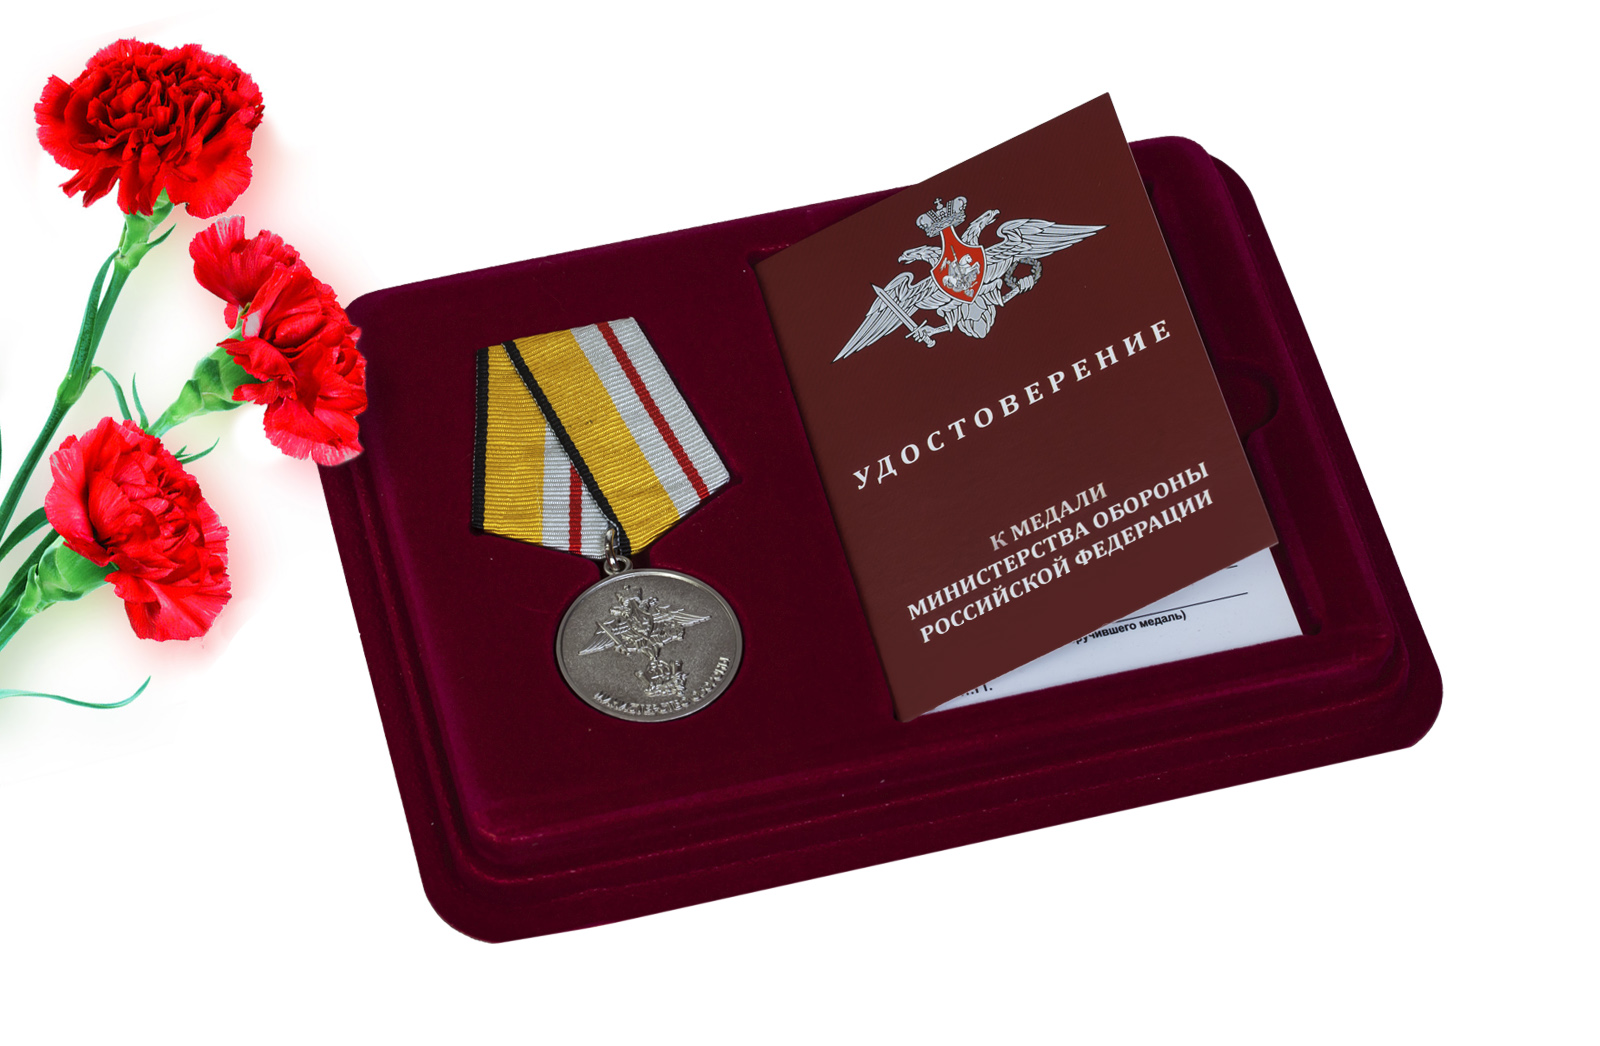 Медаль к 200-летнему юбилею Министерства Обороны заказать в розницу или оптом